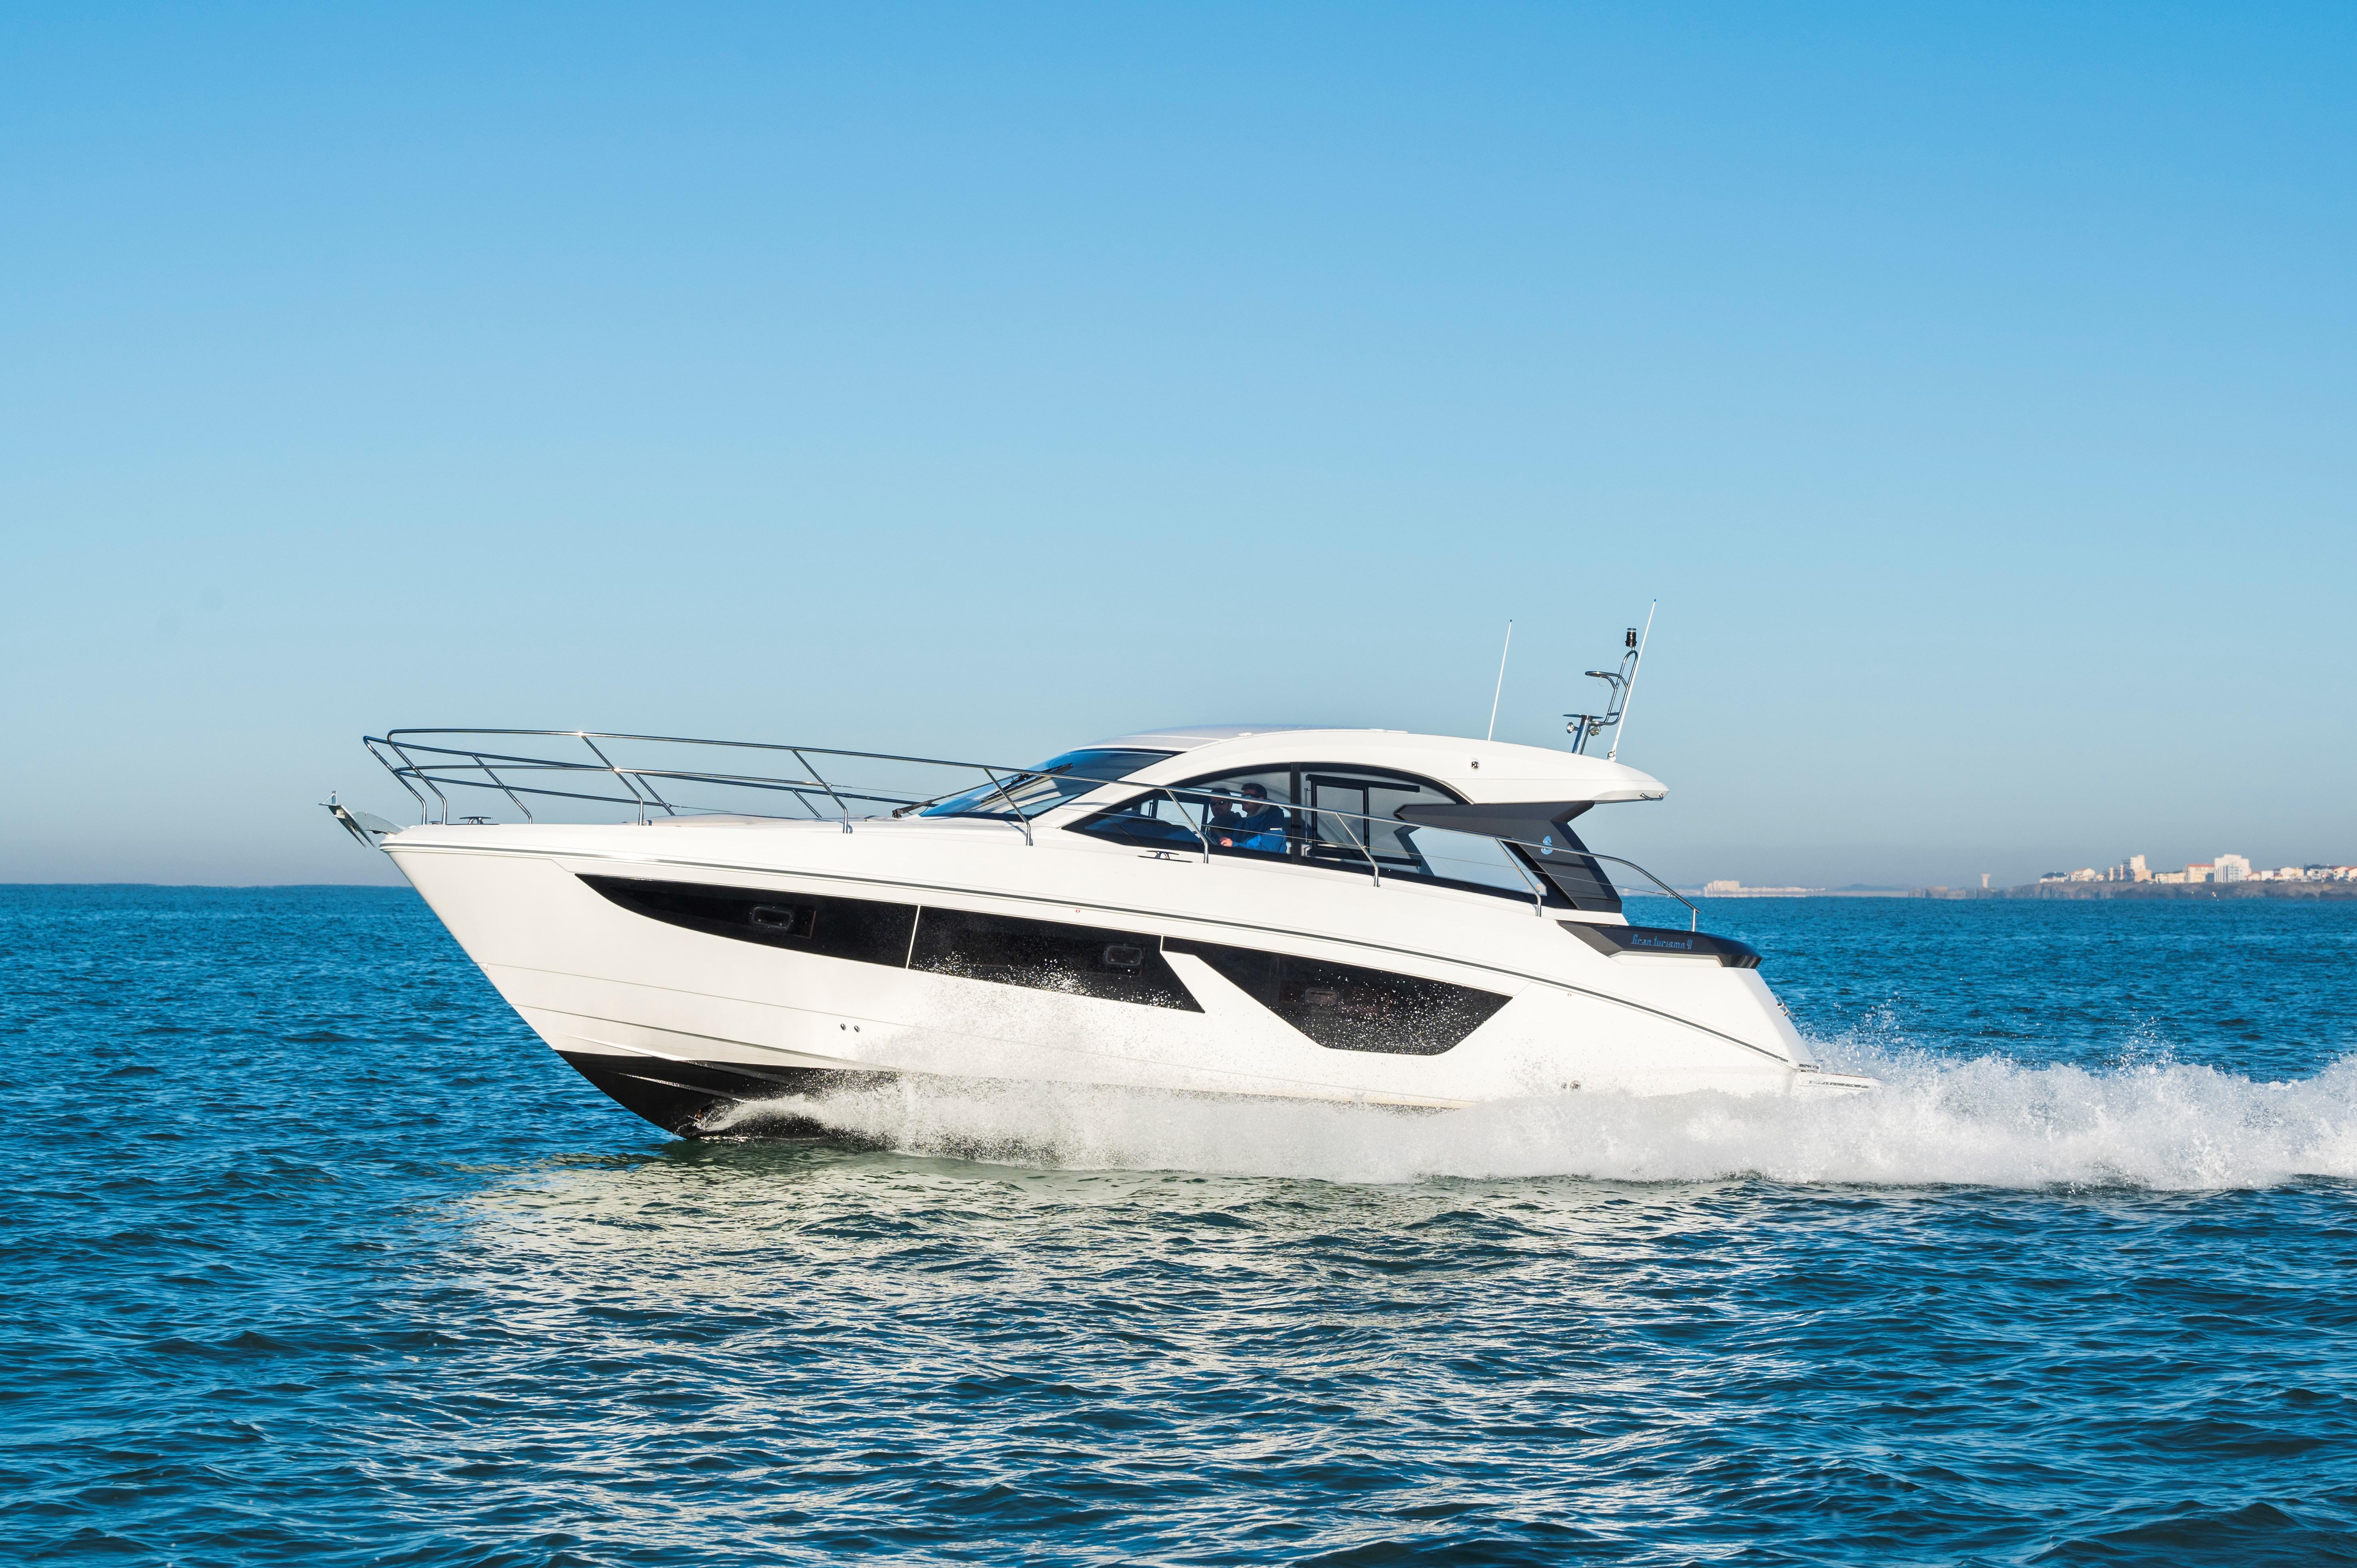 Beneteau GRAN TURISMO 41 Beneteau Gran Turismo 41  - Shared Ownership